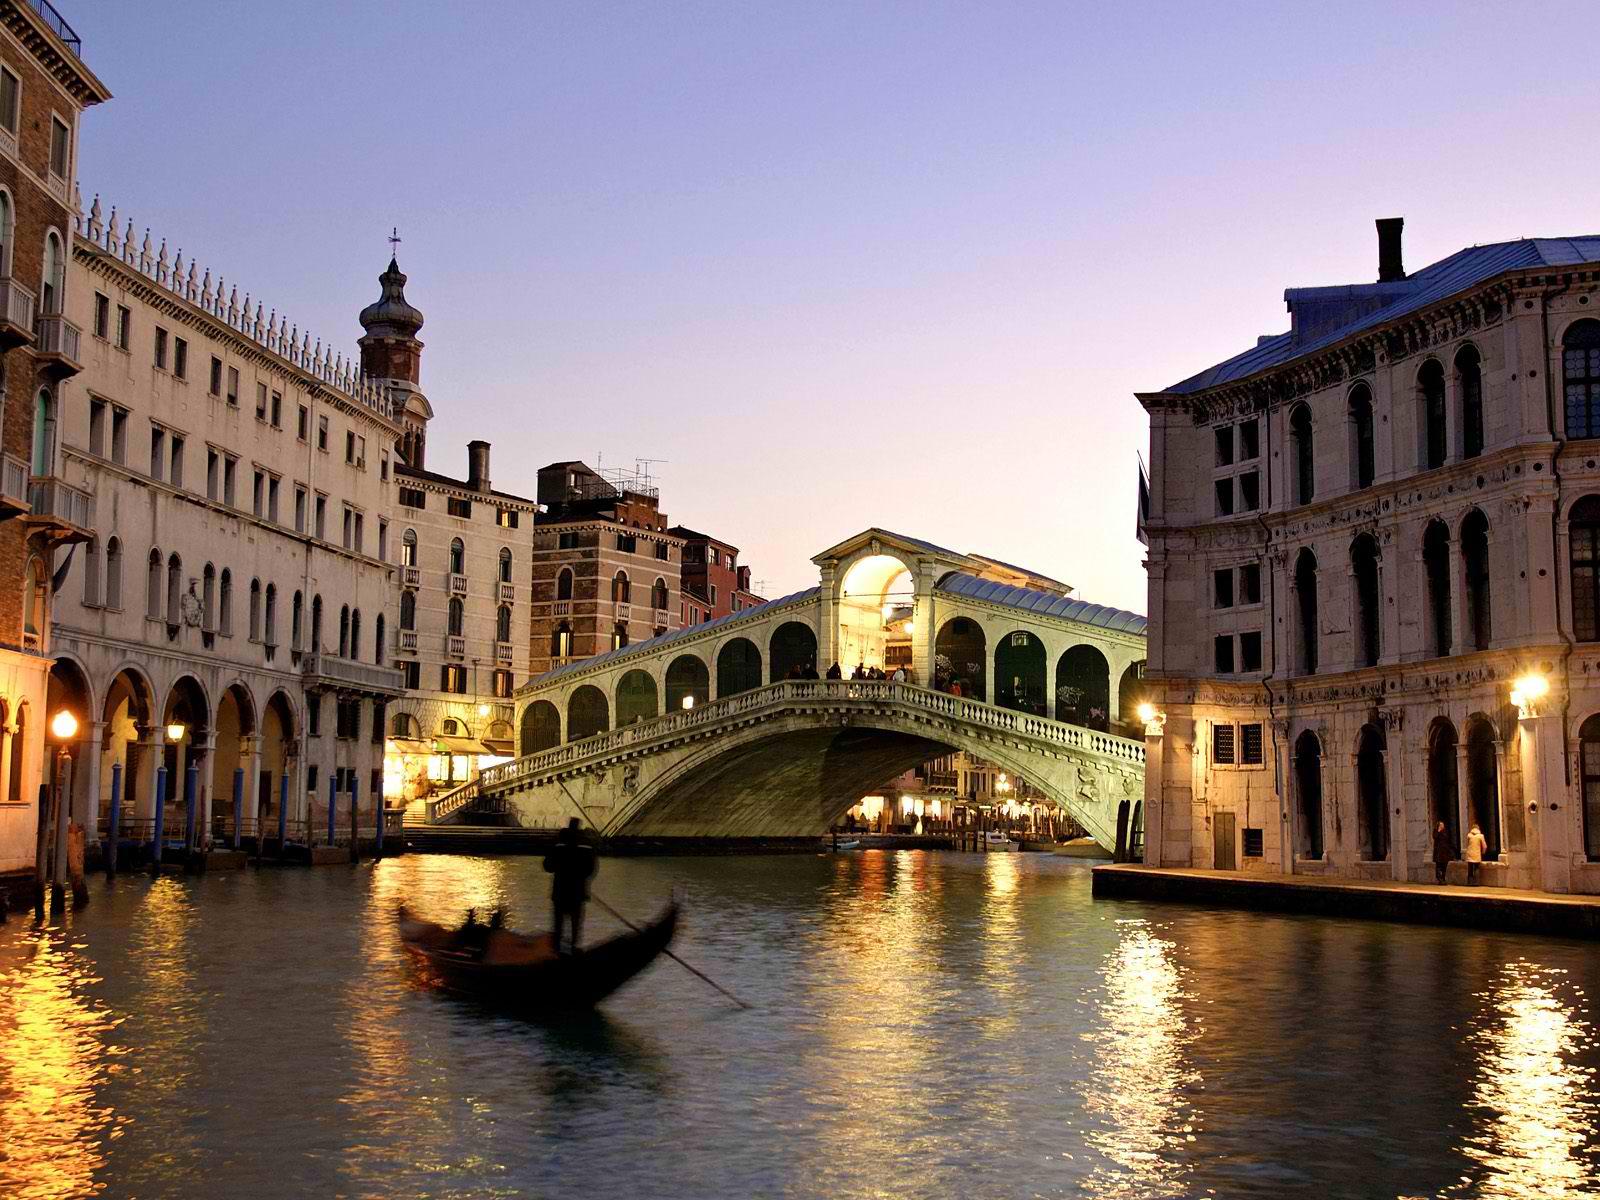 Событийные туры в Италию из Санкт-Петербурга